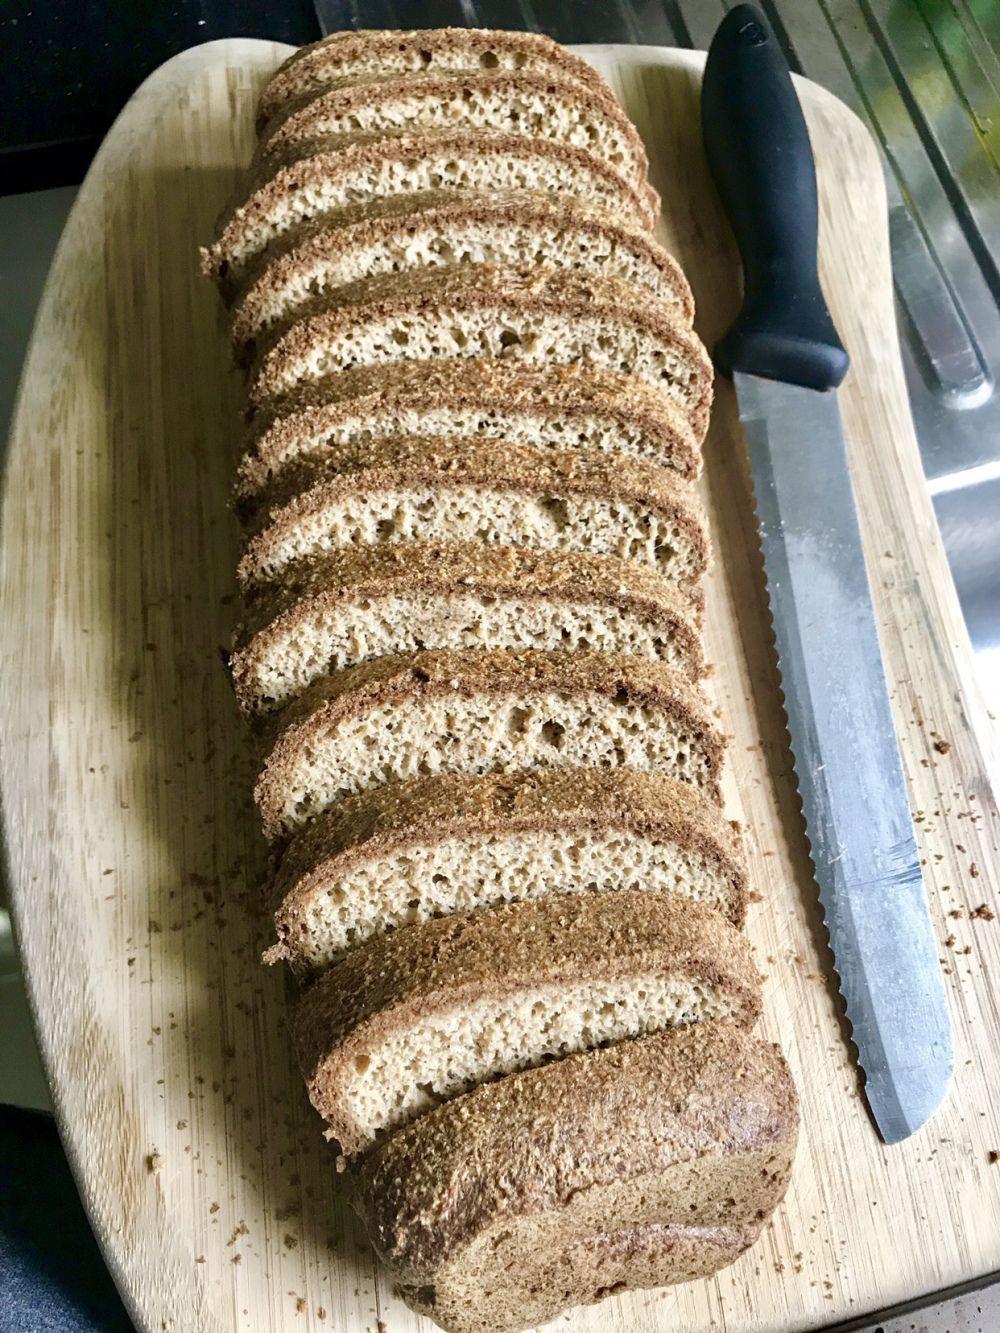 Keto Bread Almond Flour Psyllium  Easy Keto Bread Recipe Almond flour and Psyllium Husk